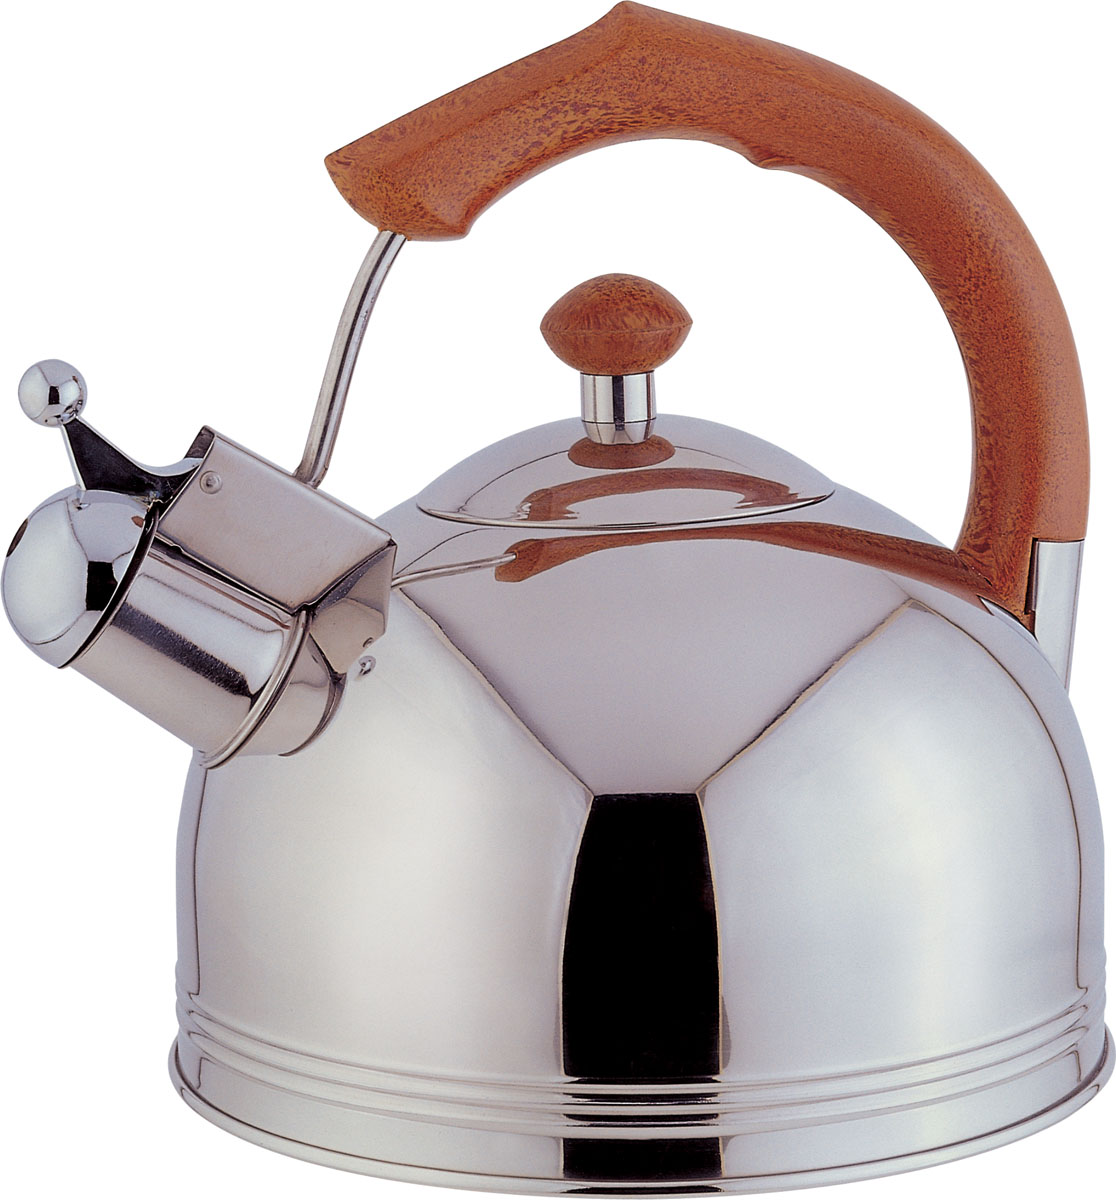 Чайник Bekker Koch со свистком, 3 л. BK-S317115510Чайник Bekker Koch выполнен из высококачественной нержавеющей стали, что обеспечивает долговечность использования. Внешнее зеркальное покрытие придает приятный внешний вид. Пластиковая фиксированная ручка делает использование чайника очень удобным и безопасным. Чайник снабжен свистком и устройством для открывания носика. Изделие оснащено капсулированным дном для лучшего распространения тепла.Можно мыть в посудомоечной машине. Пригоден для всех видов плит кроме индукционных. Высота чайника (без учета крышки и ручки): 11,5 см.Диаметр основания: 20 см. Толщина стенки: 3 мм.